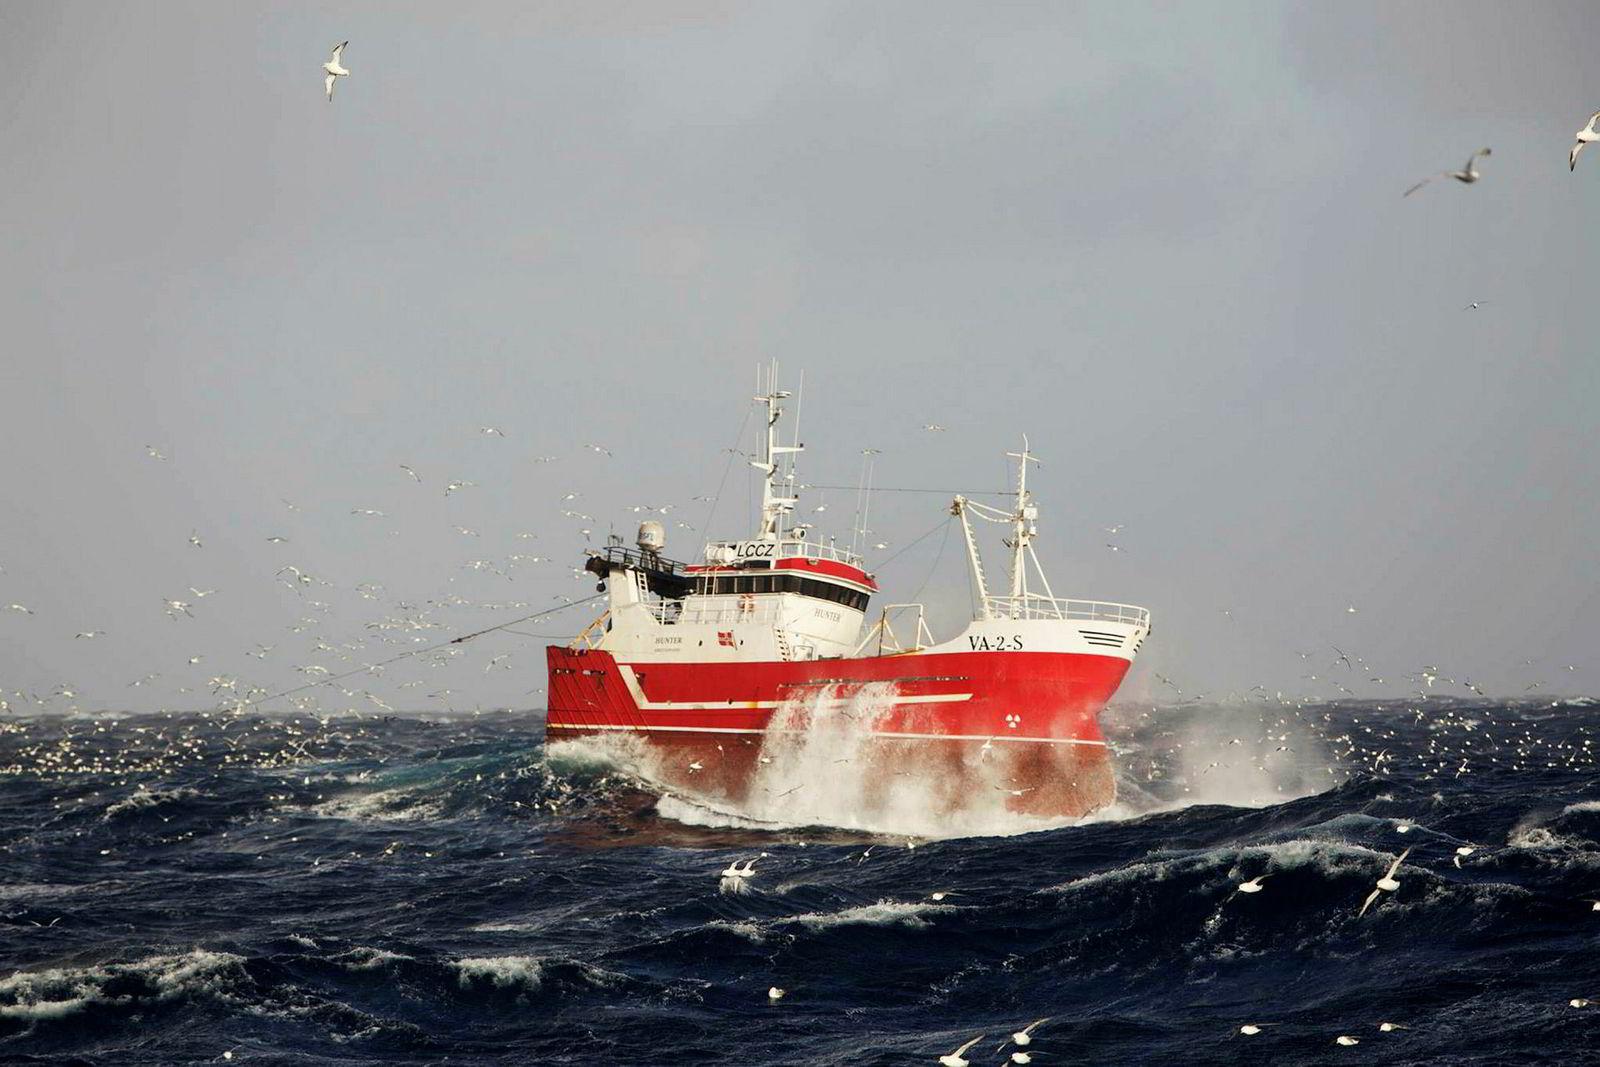 Tråleren Hunter, som Aamodt Fiskeri kjøpte i 2010, ble solgt i 2016 før selskapet tok det store løftet og kjøpte industritråleder Sille Marie.